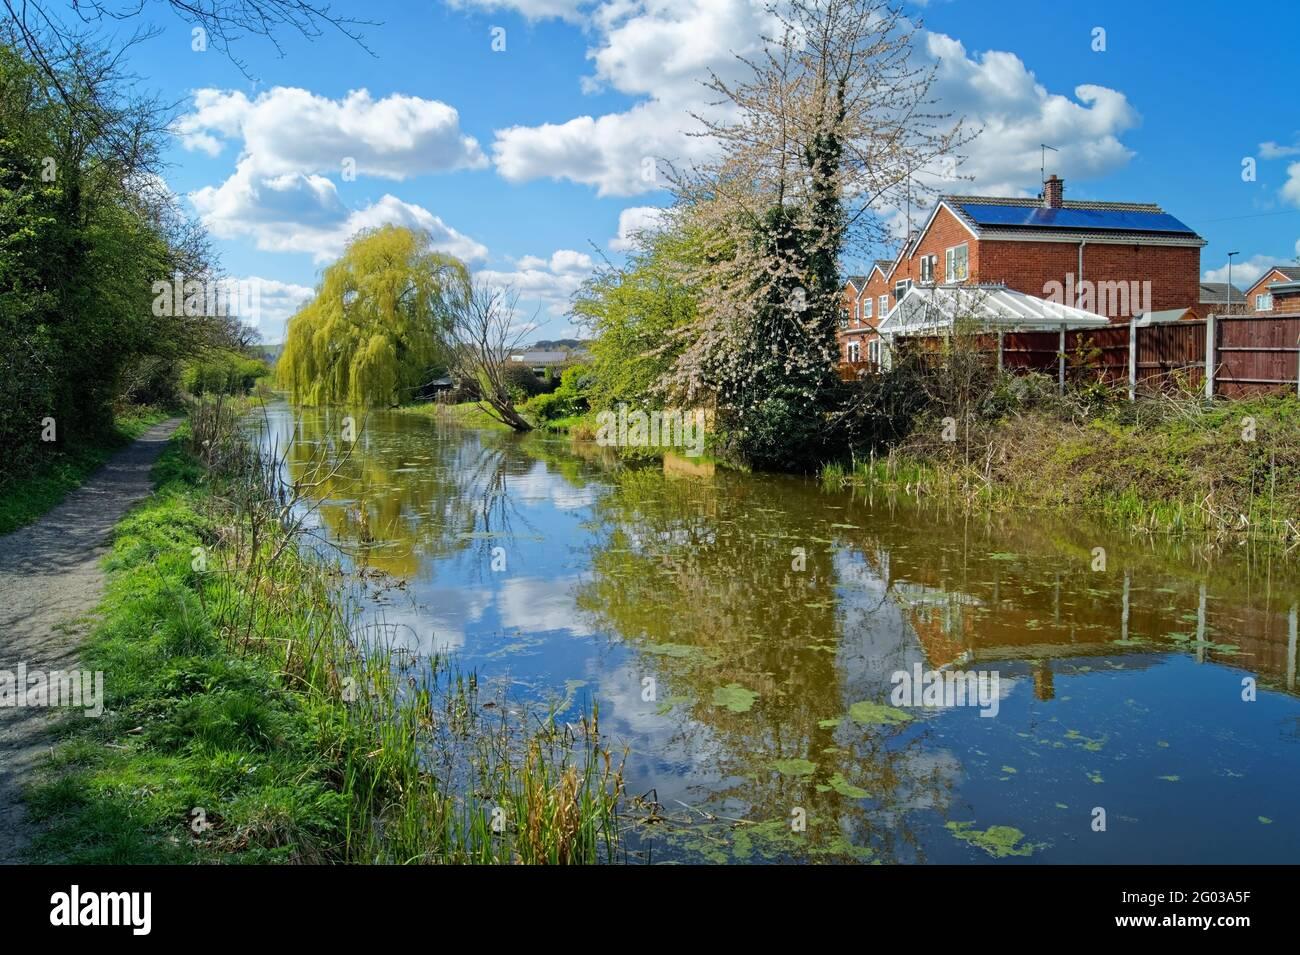 Reino Unido, South Yorkshire, Barnsley, Elsecar Canal y sendero con flor en flor Foto de stock